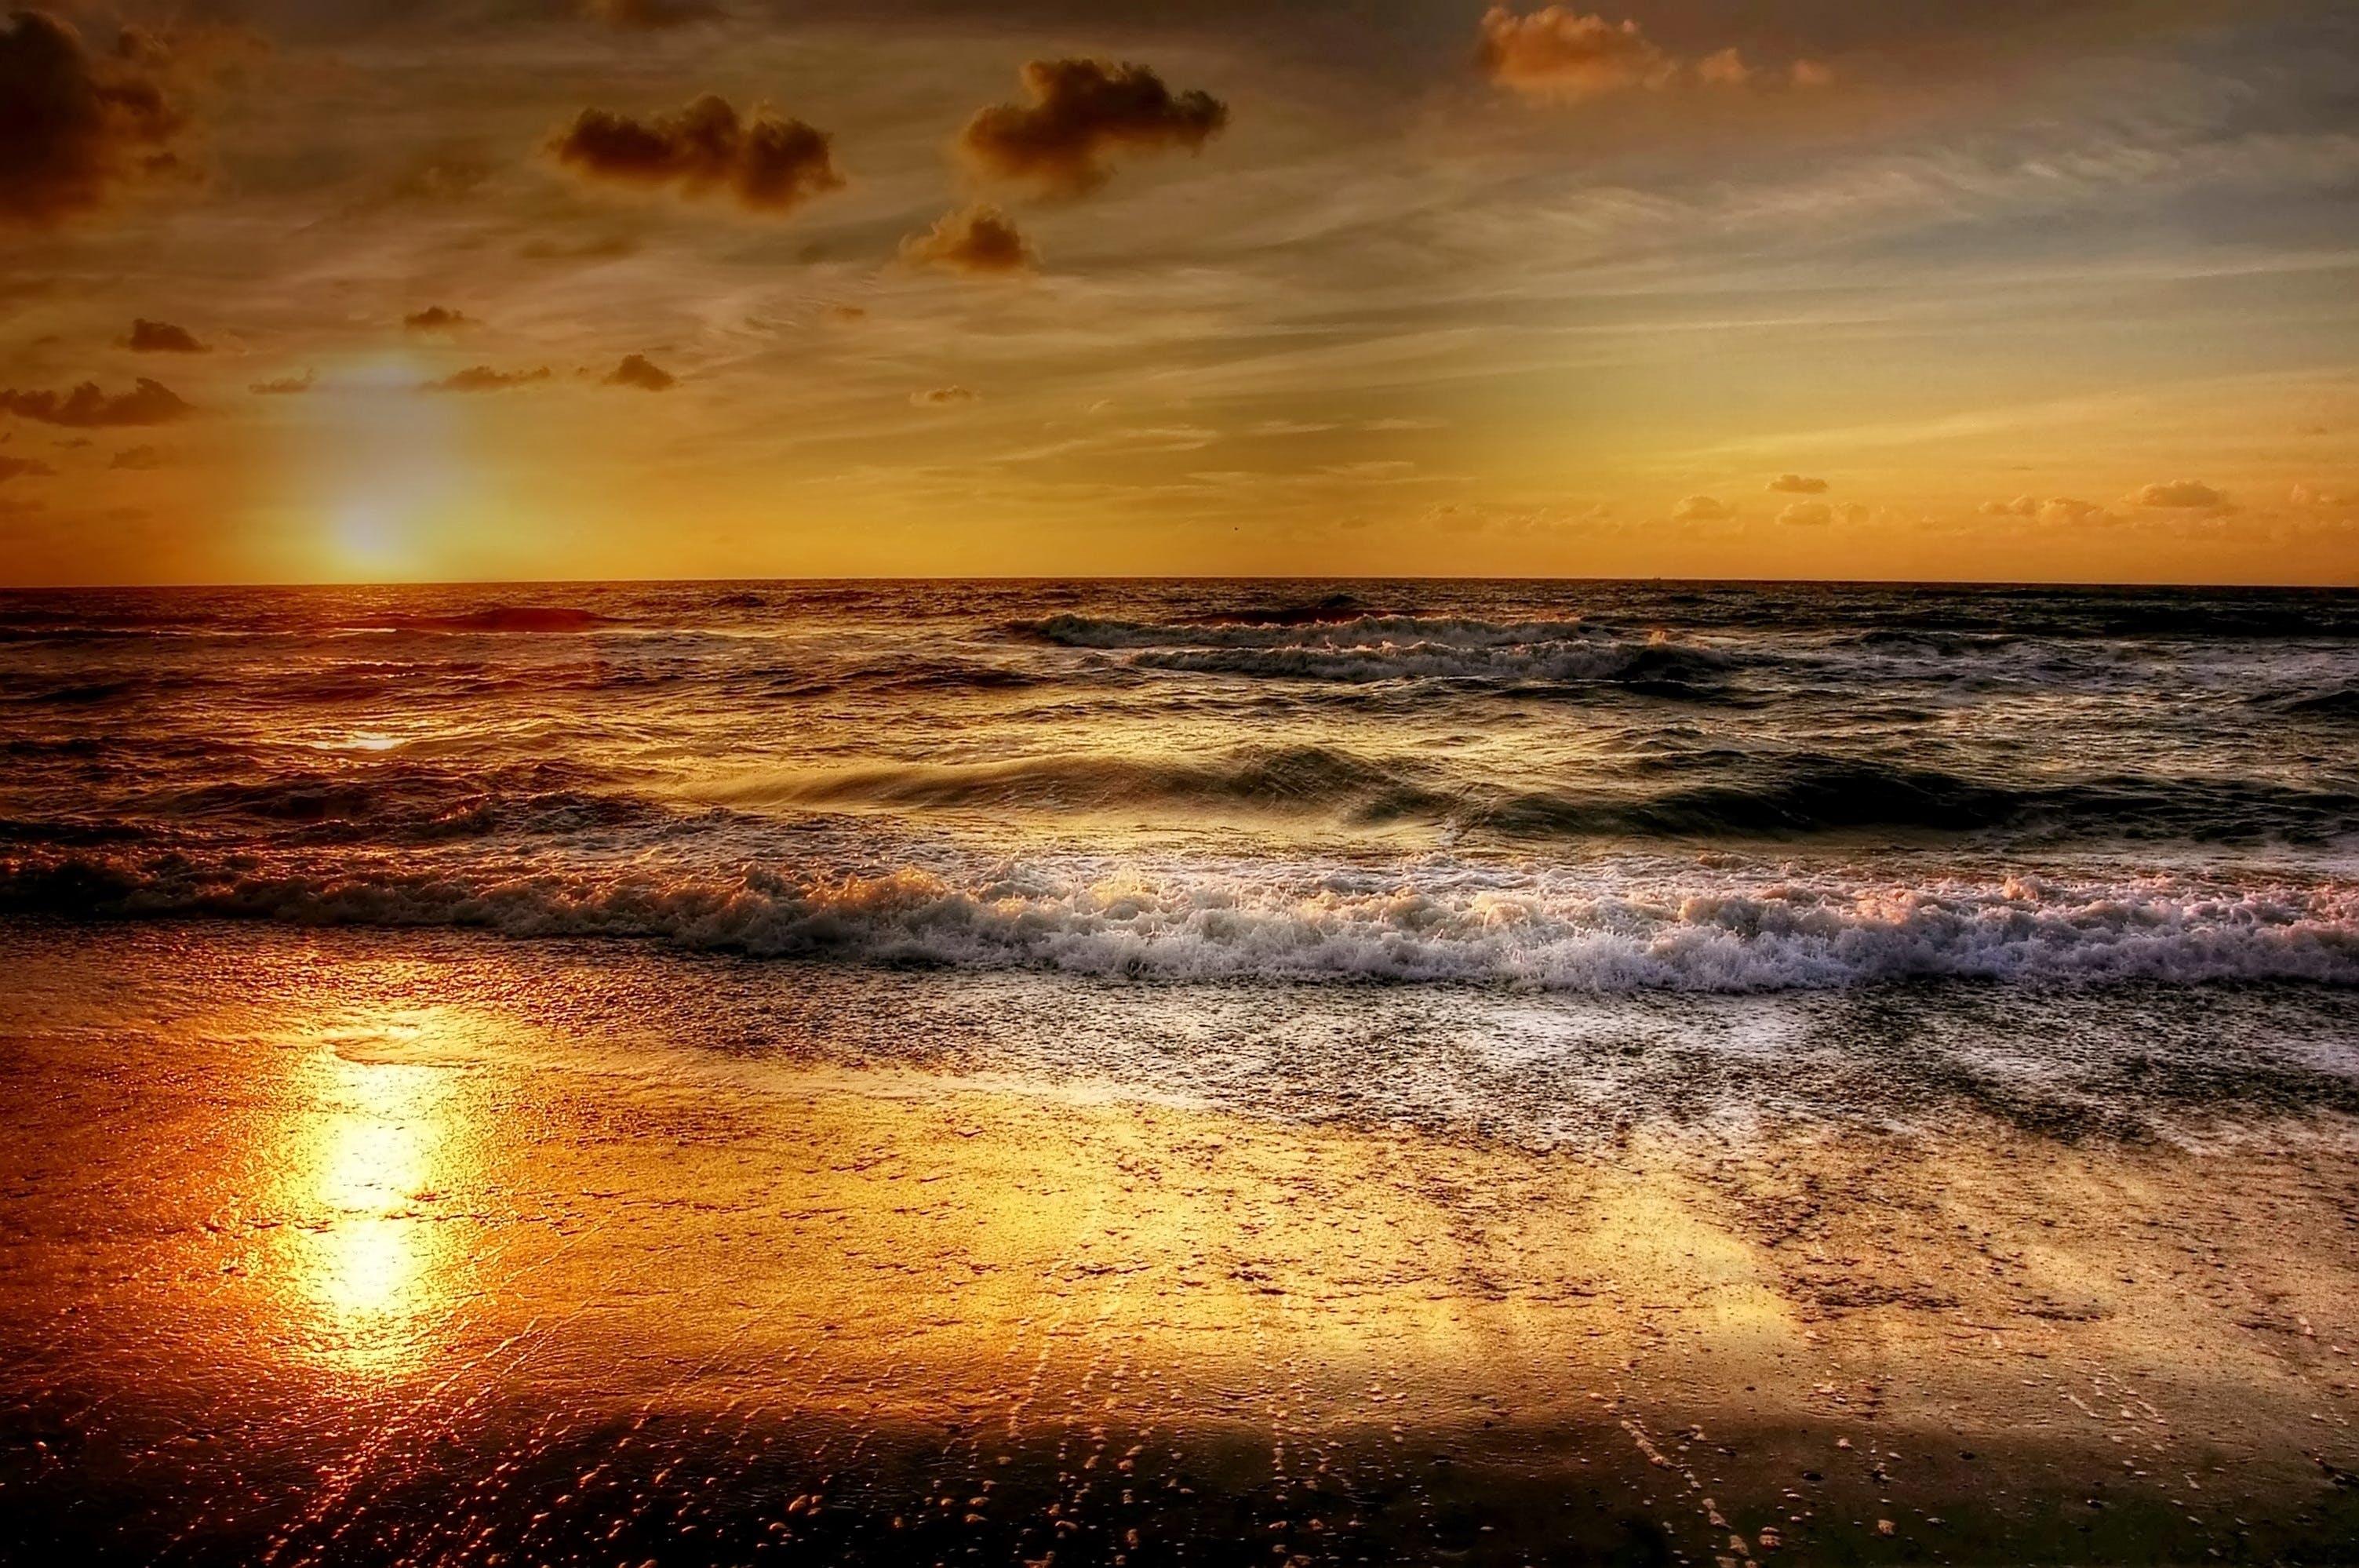 Seawave Splashing on Seashore